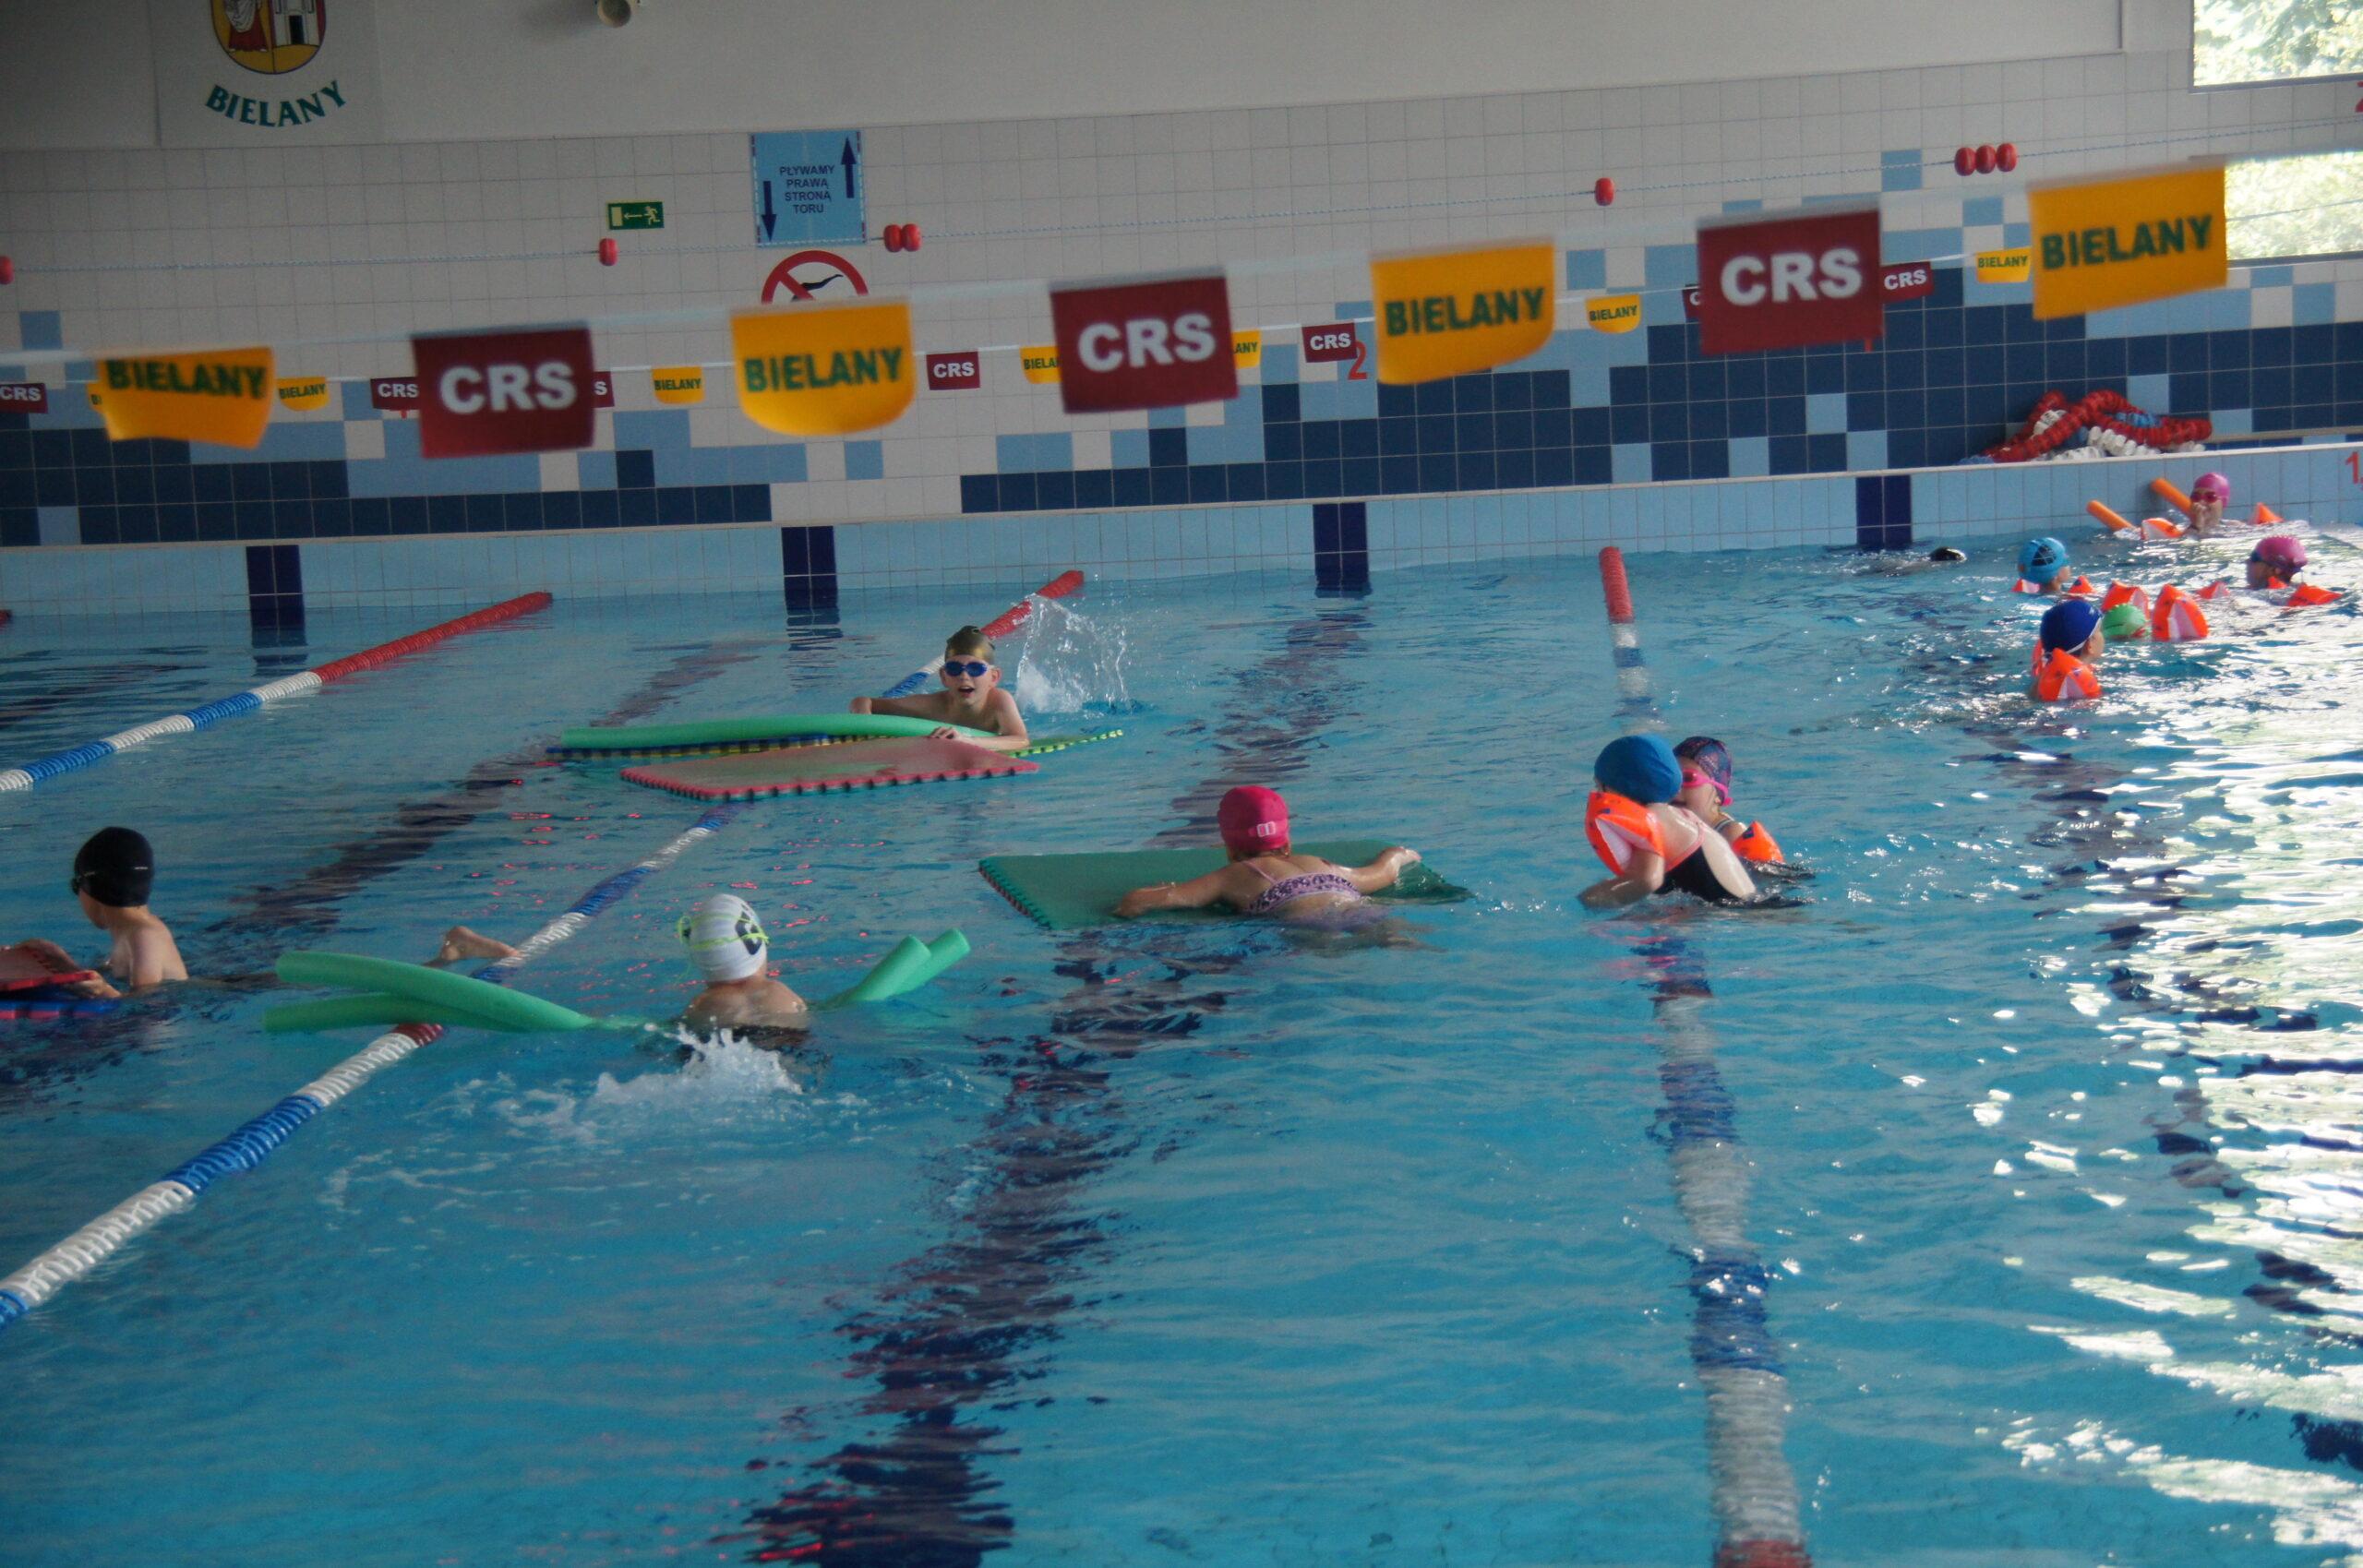 Grupa dzieci pływająca na pływalni CRS Bielany.